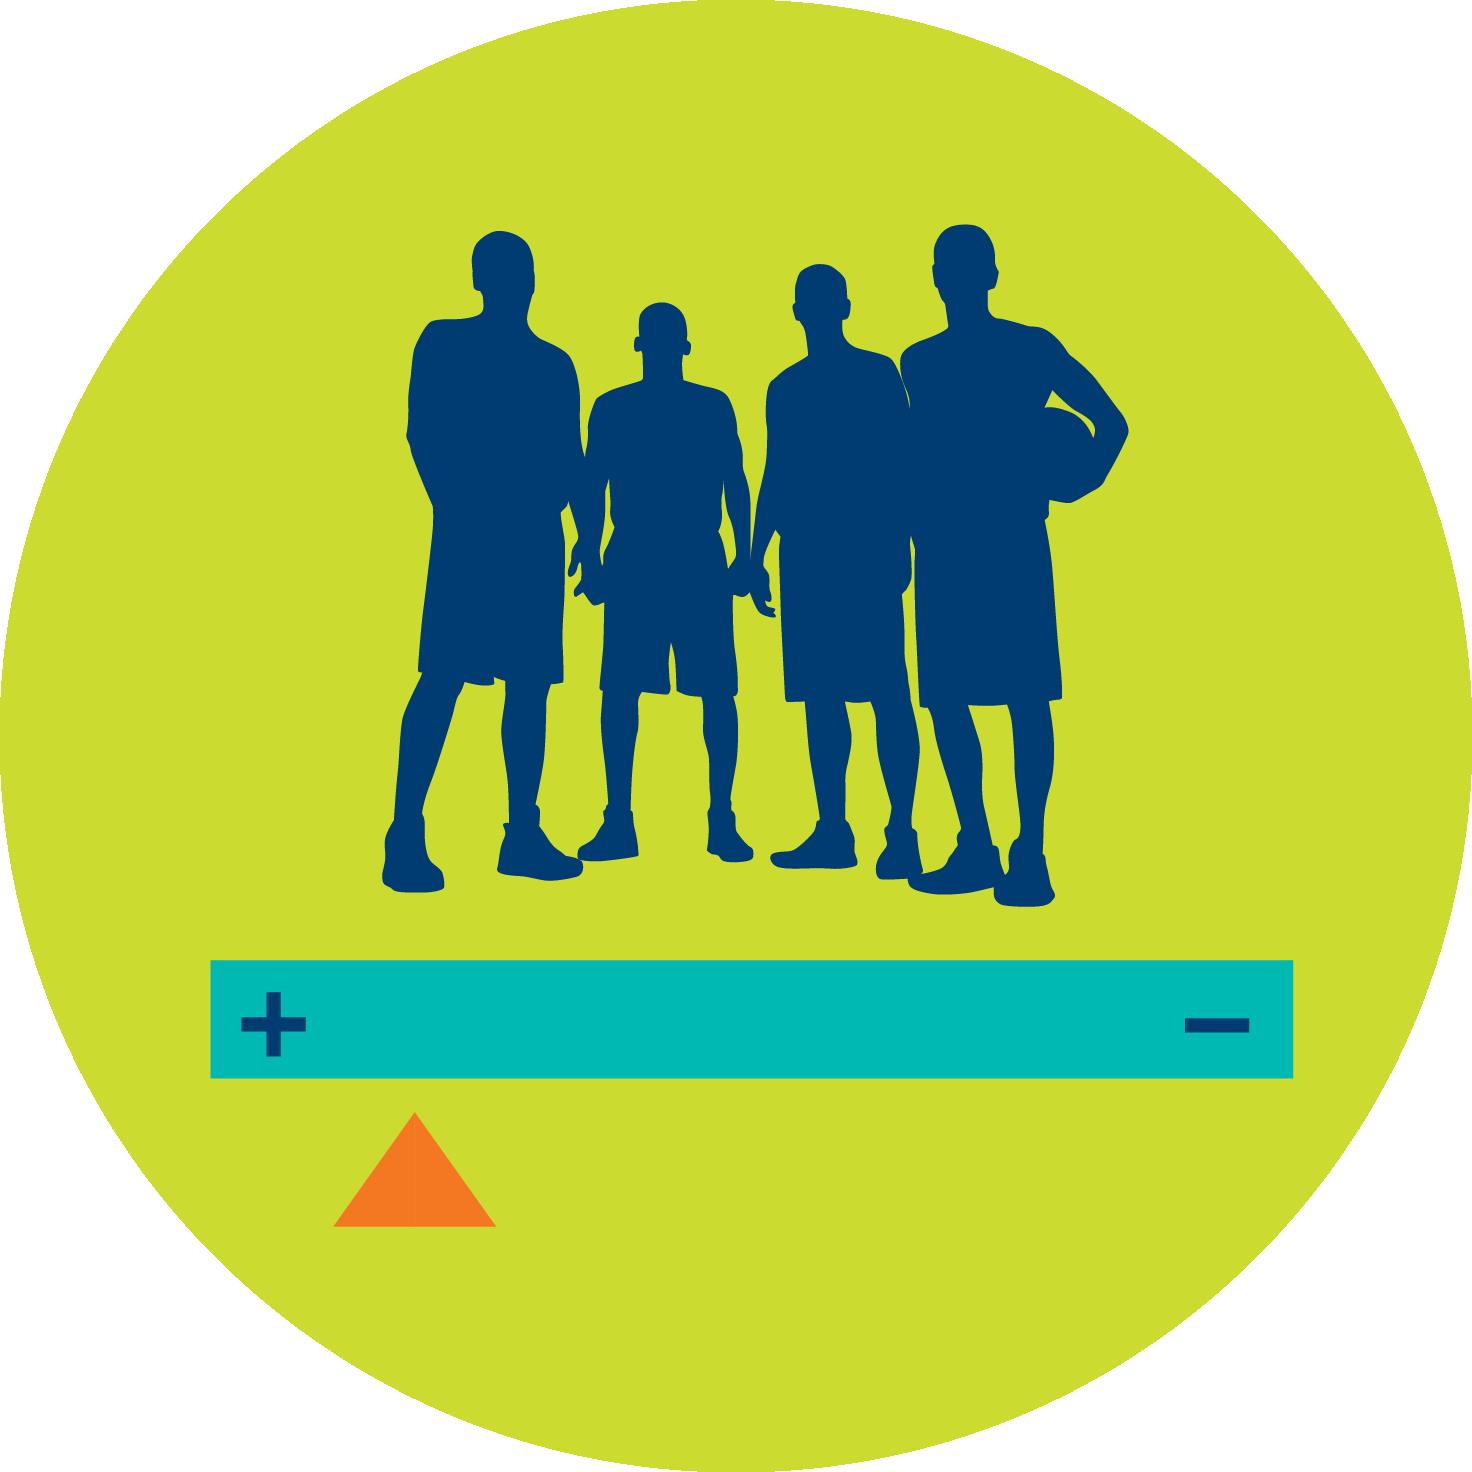 Une équipe au-dessus d'un curseur de défilement représentant la marge de points assignée